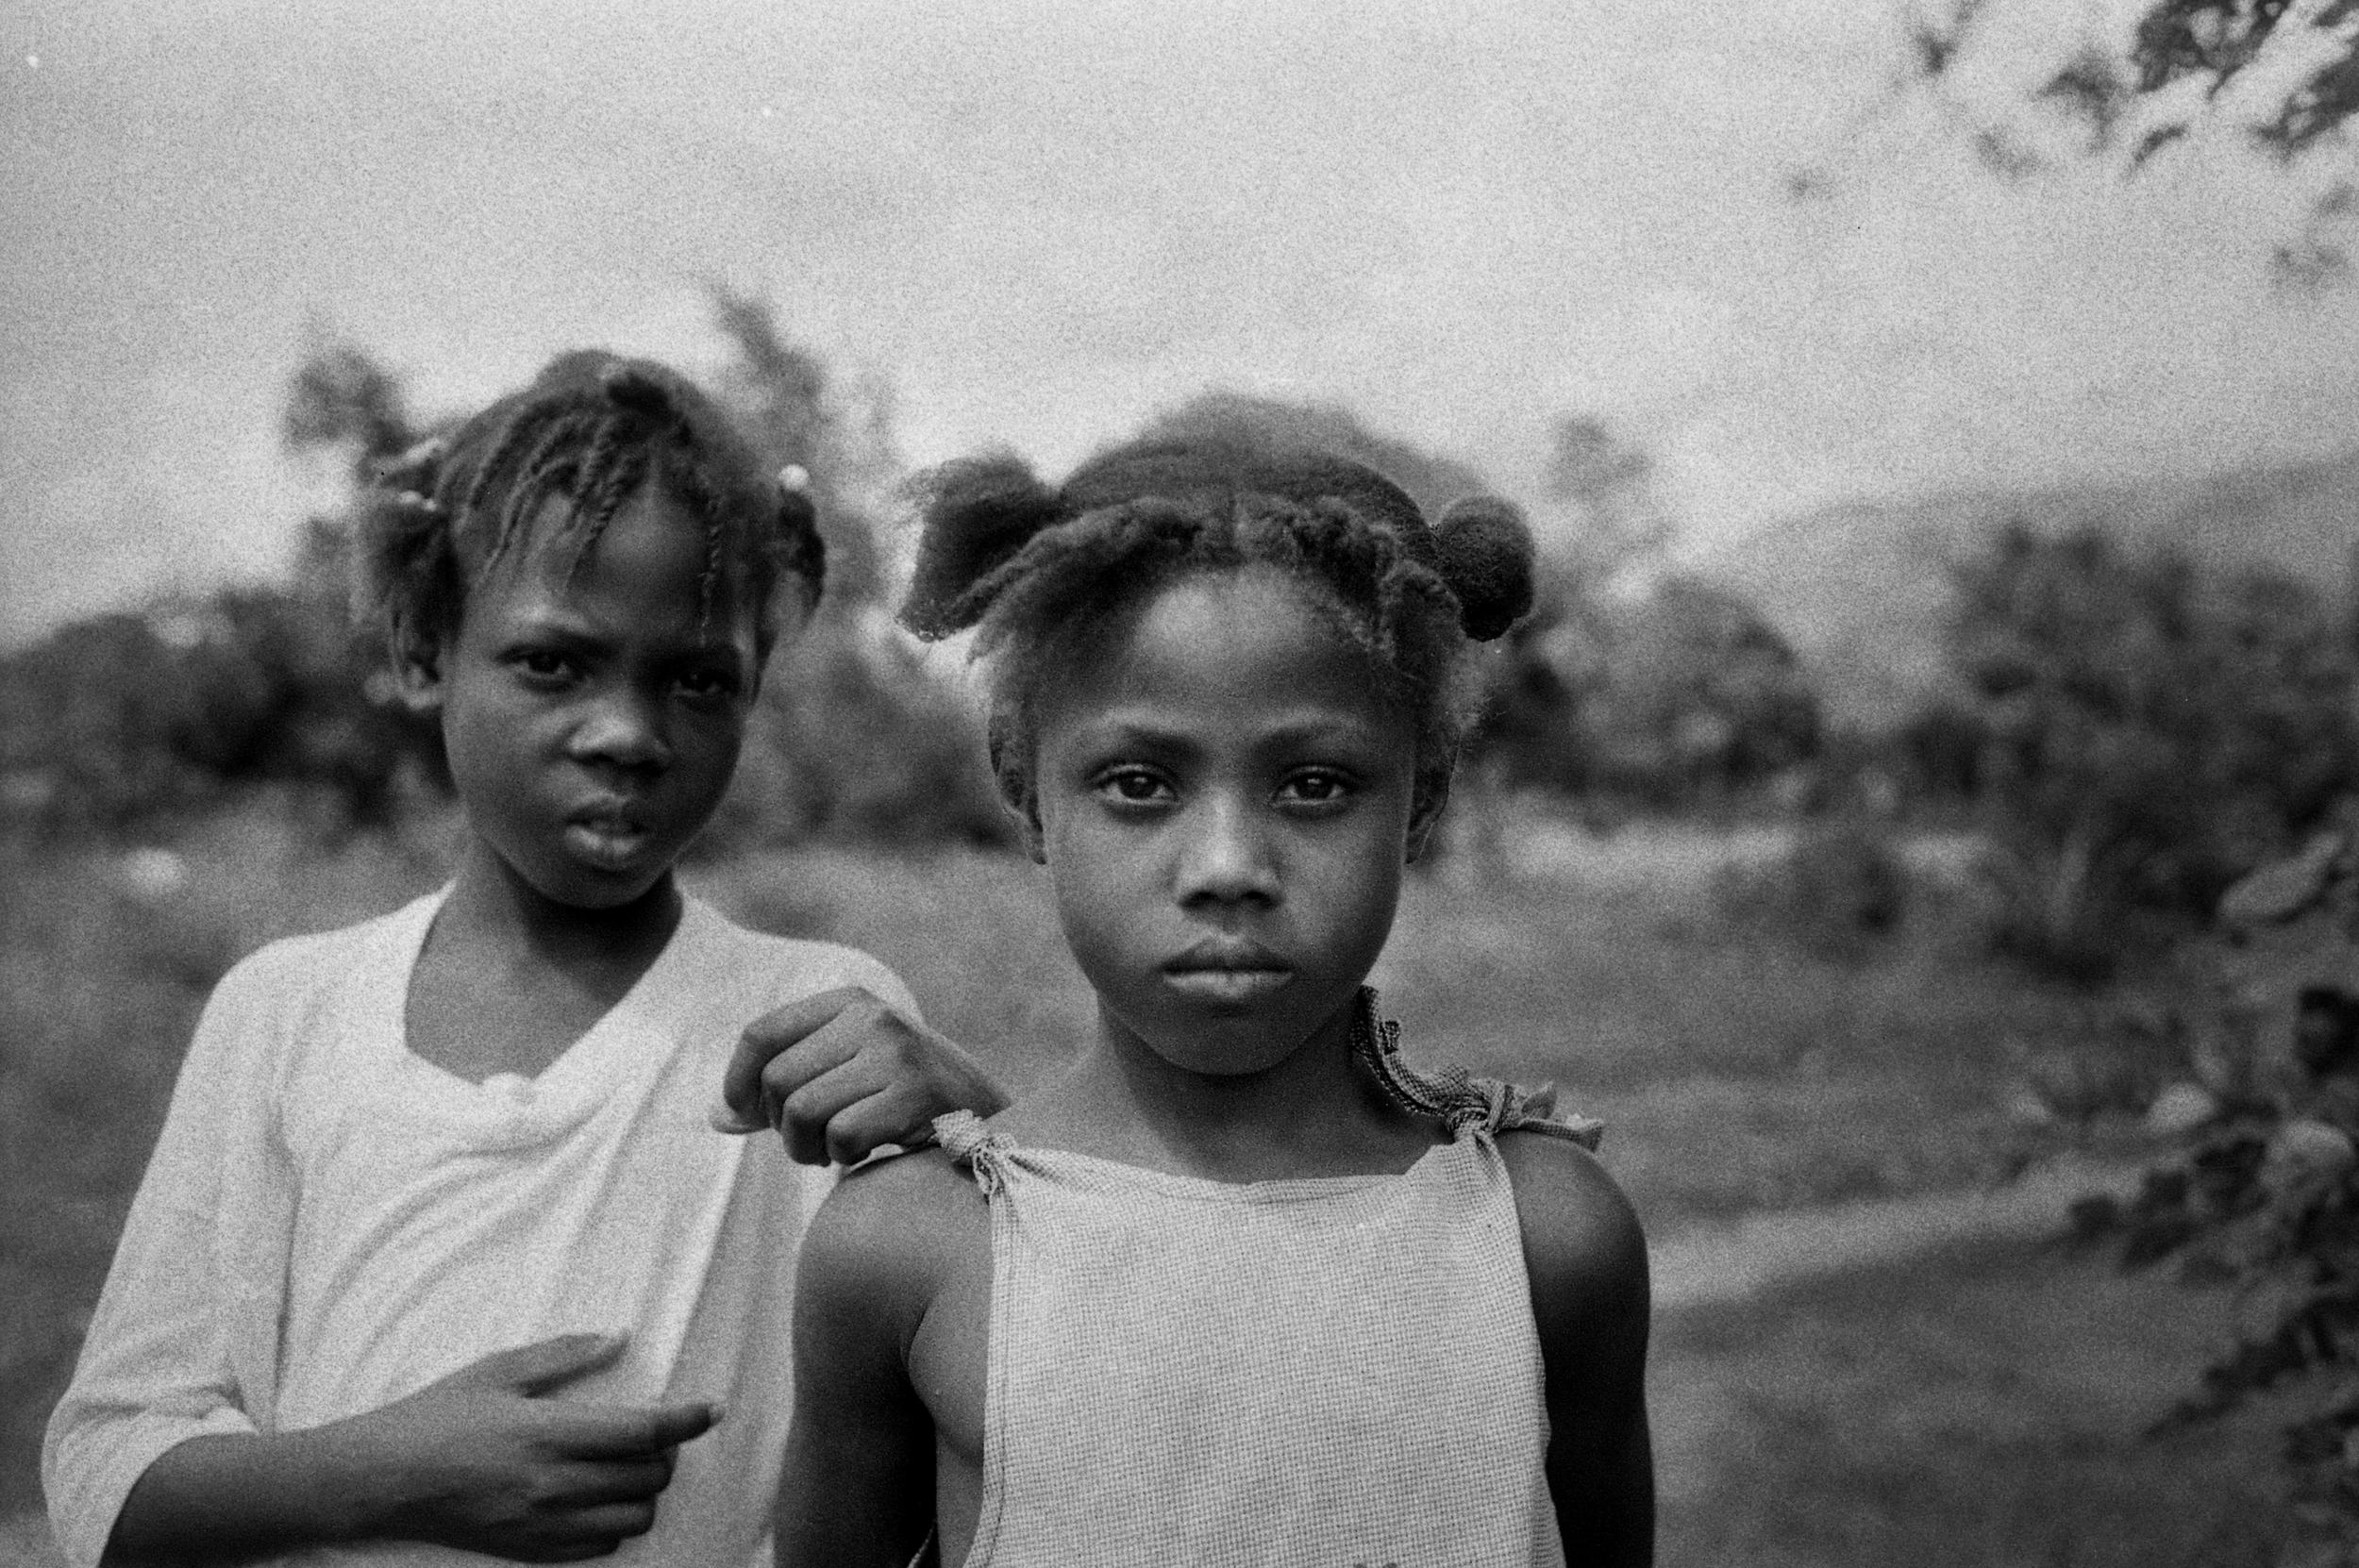 Sisters.   Cange, Haiti. 2009  35 mm B&W film